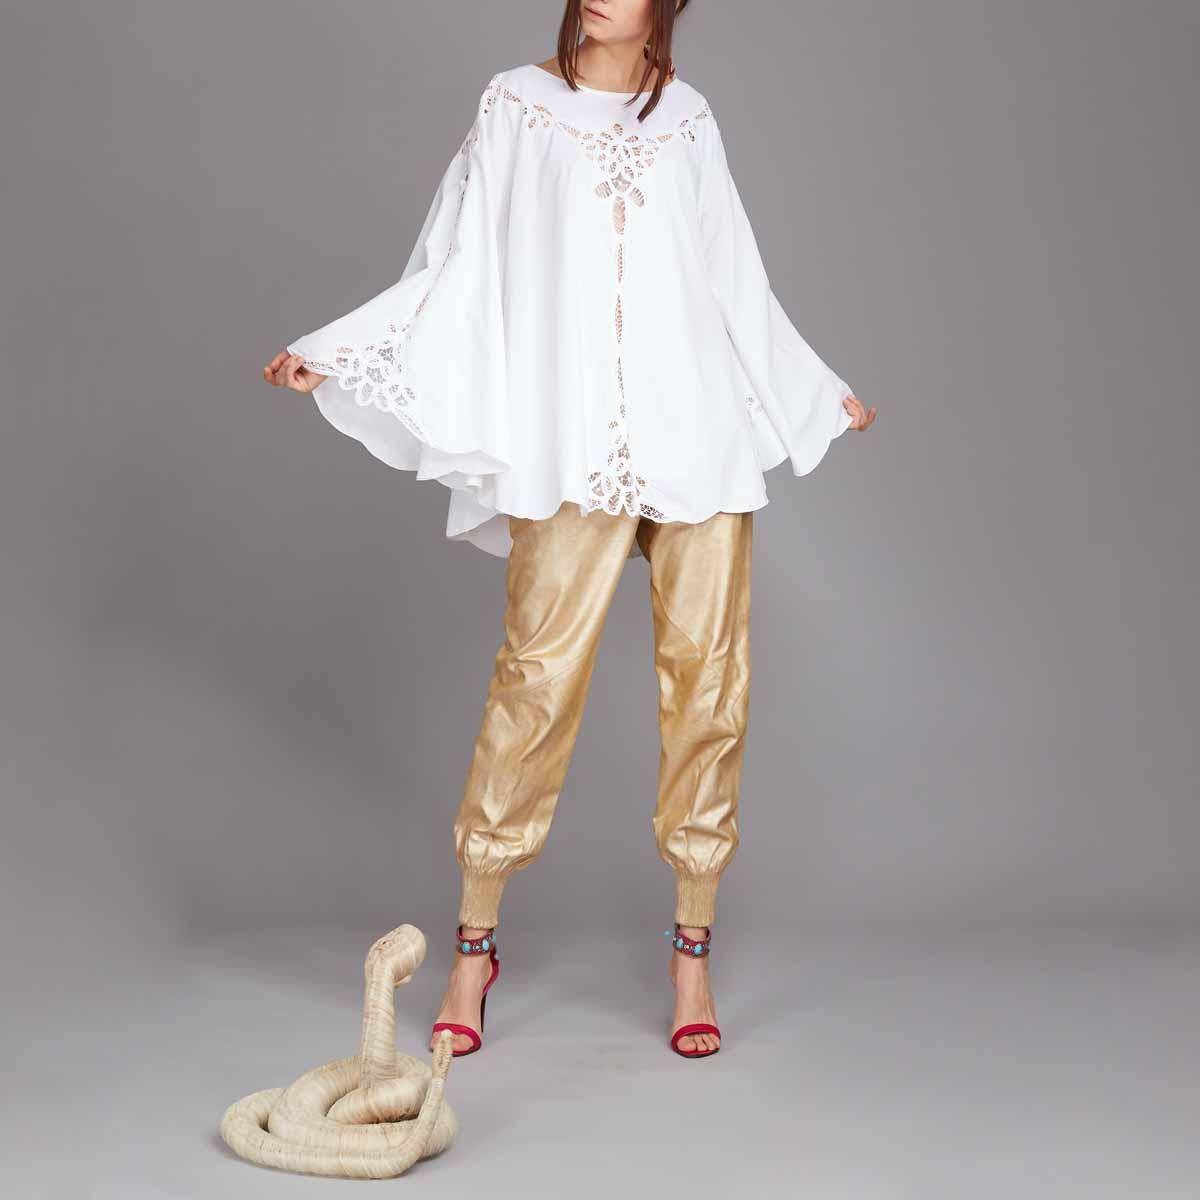 Worldpearlslove Fashion Onlinestore-4